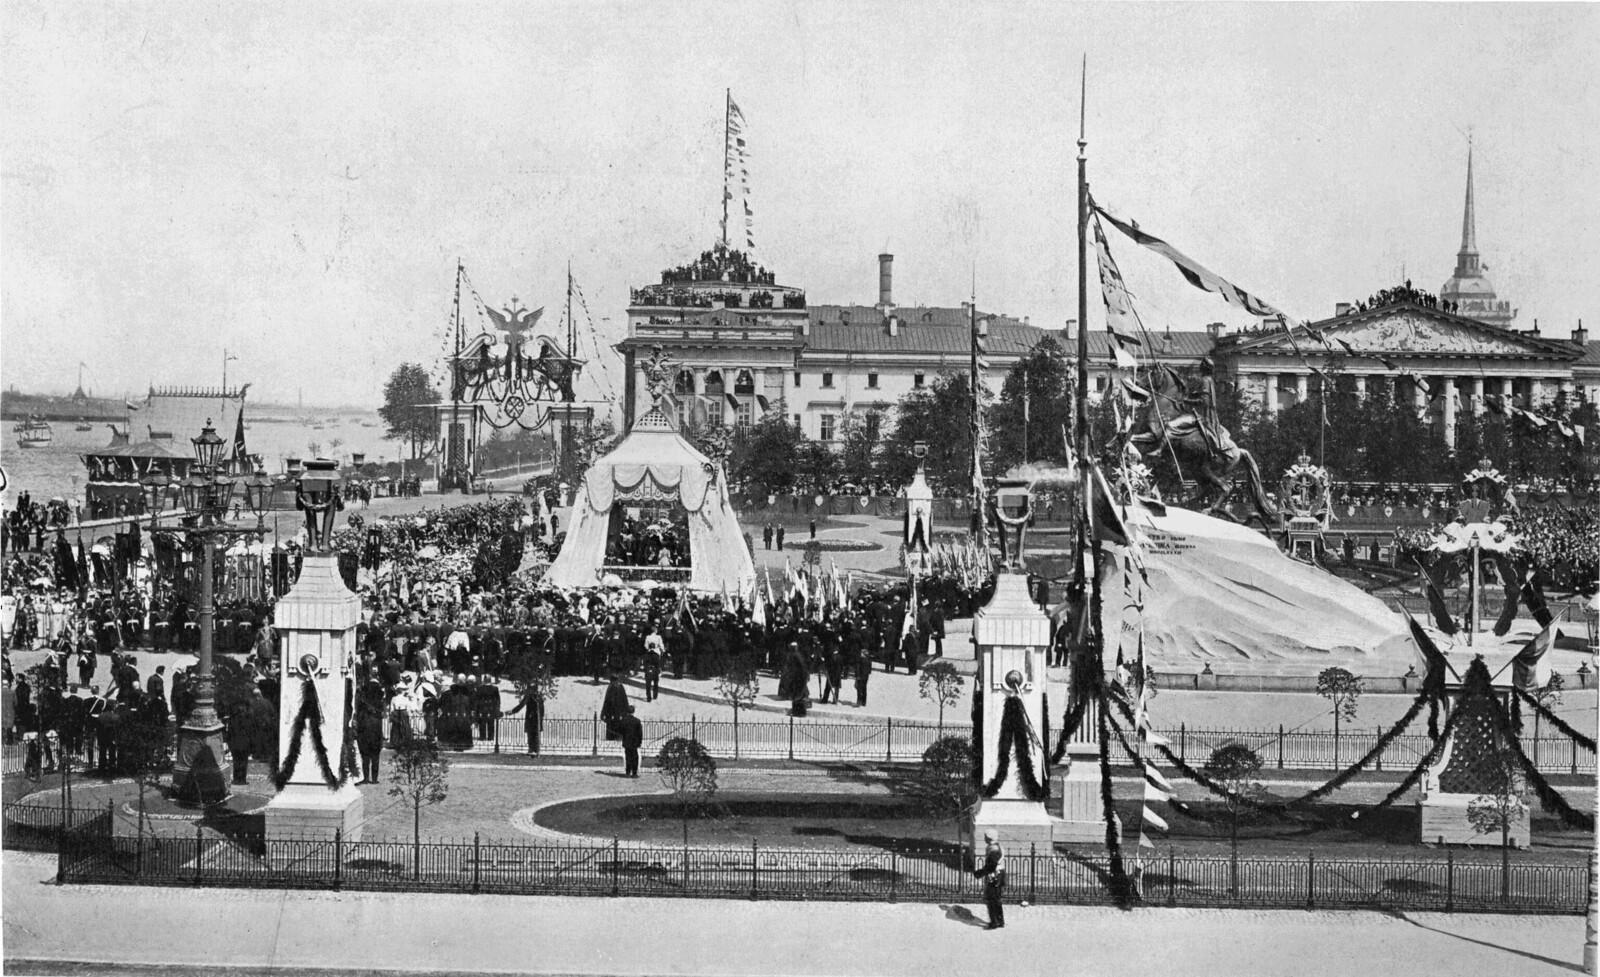 1903. Сенатская площадь перед памятником Петра Великого в день 200-летия С.-Петербурга 16 мая